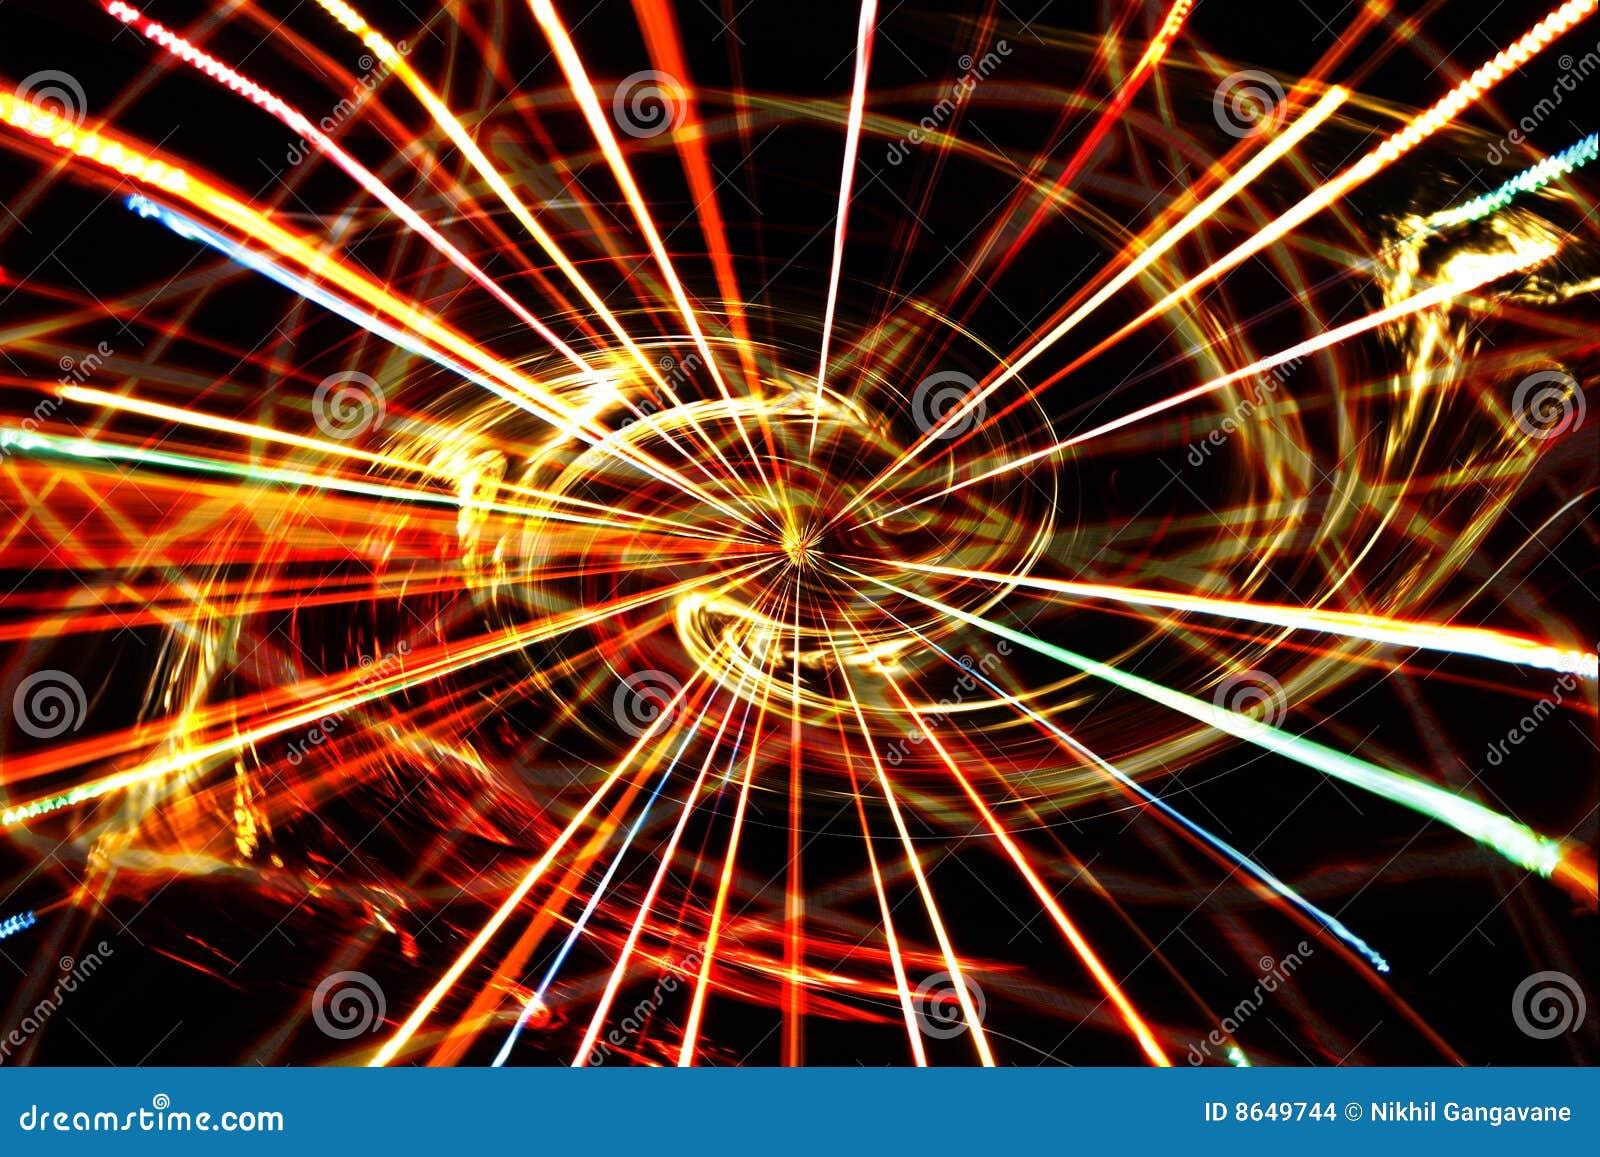 галактика образования энергий